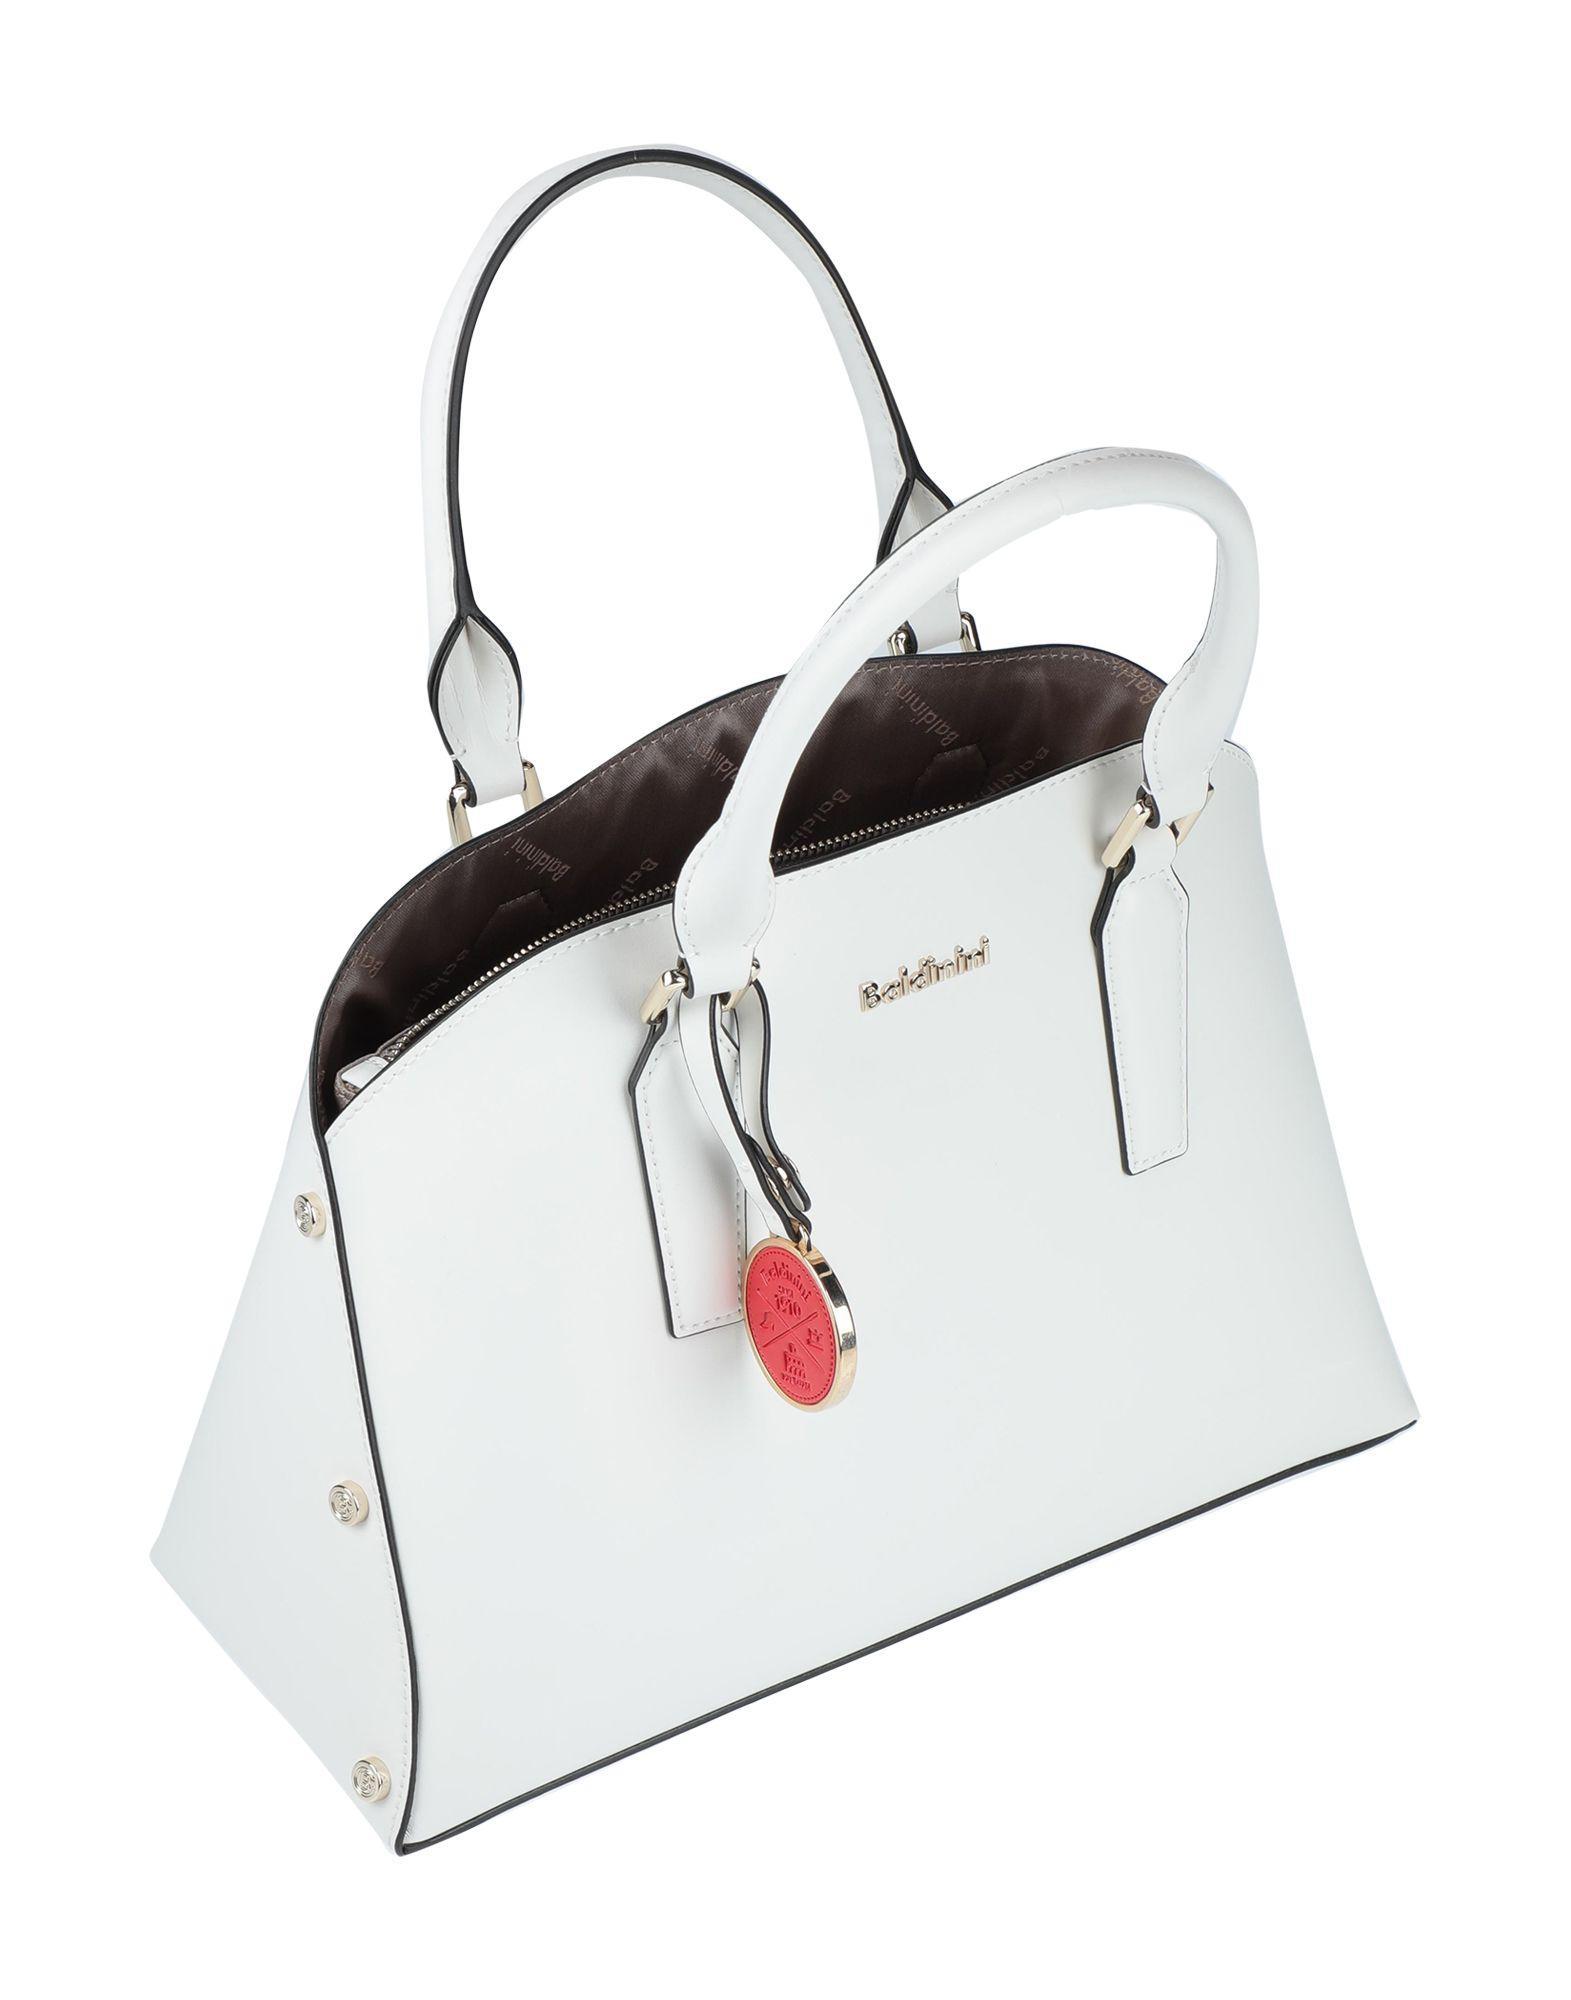 Baldinini Leder Handtaschen in Weiß a2mPF